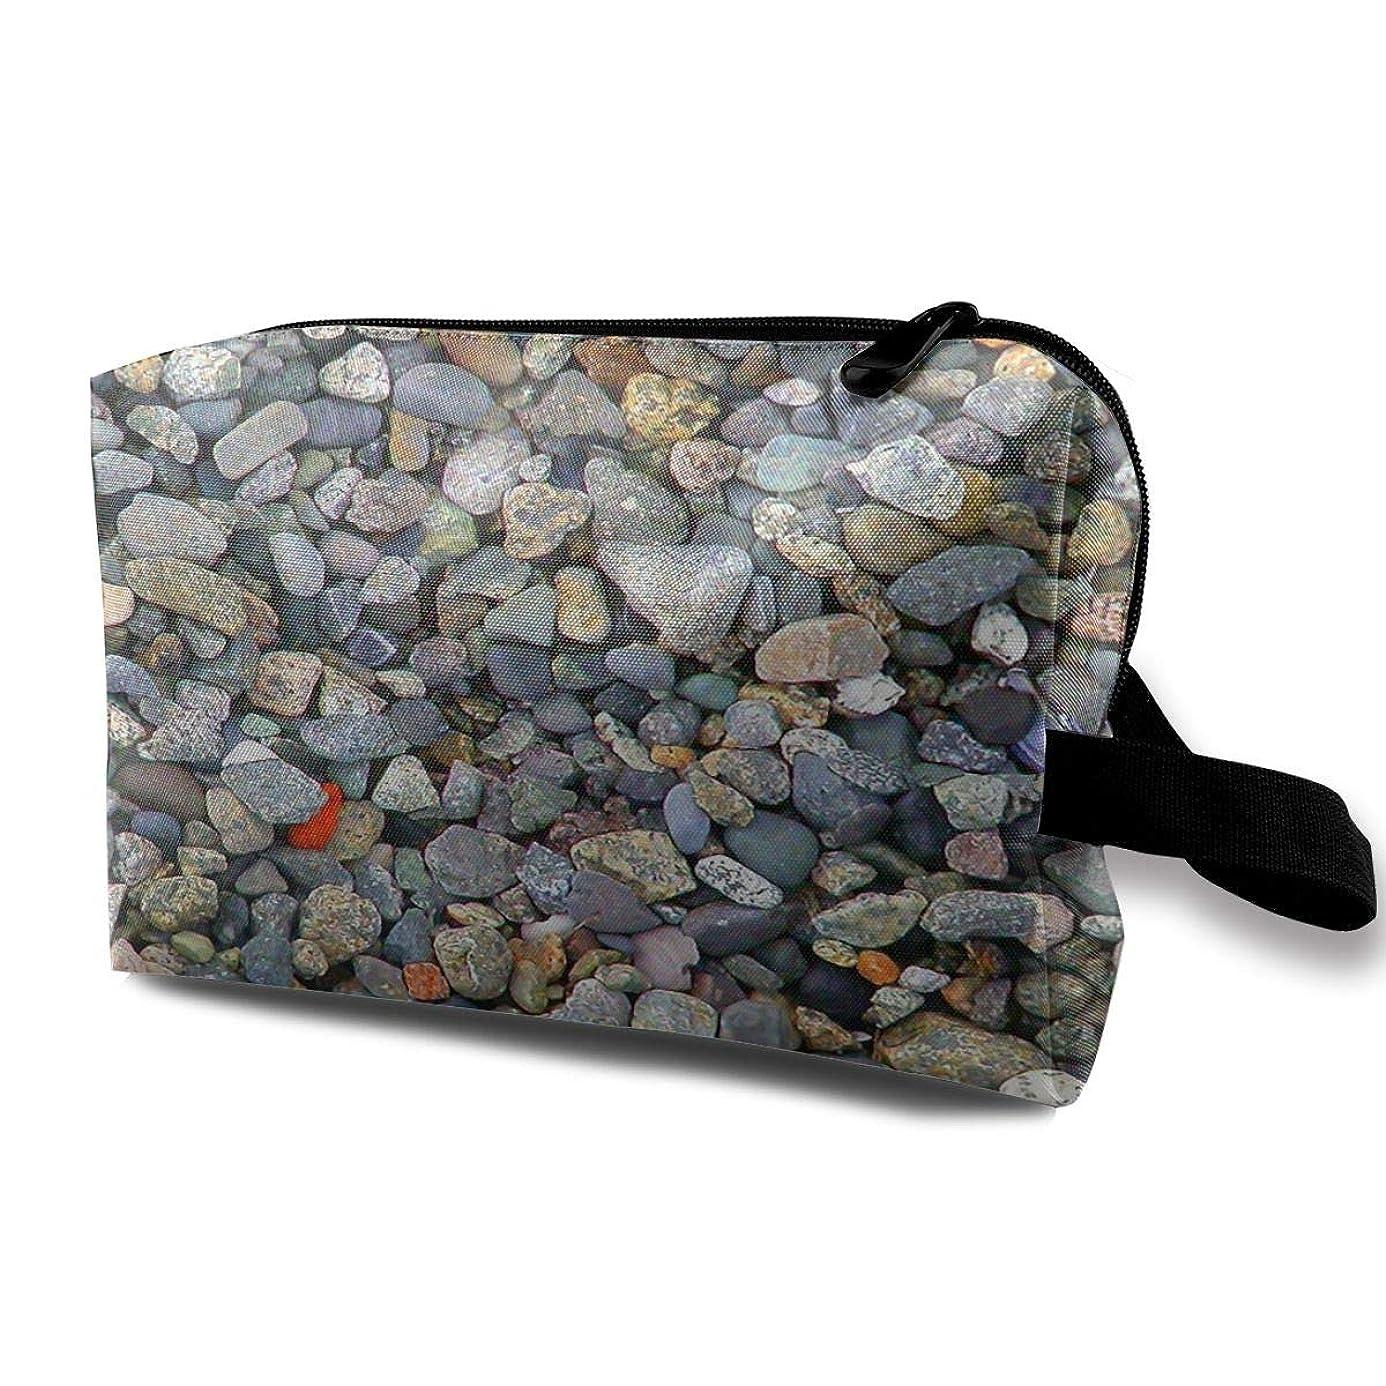 例示するコンテンツ達成Beach Stones 収納ポーチ 化粧ポーチ 大容量 軽量 耐久性 ハンドル付持ち運び便利。入れ 自宅?出張?旅行?アウトドア撮影などに対応。メンズ レディース トラベルグッズ